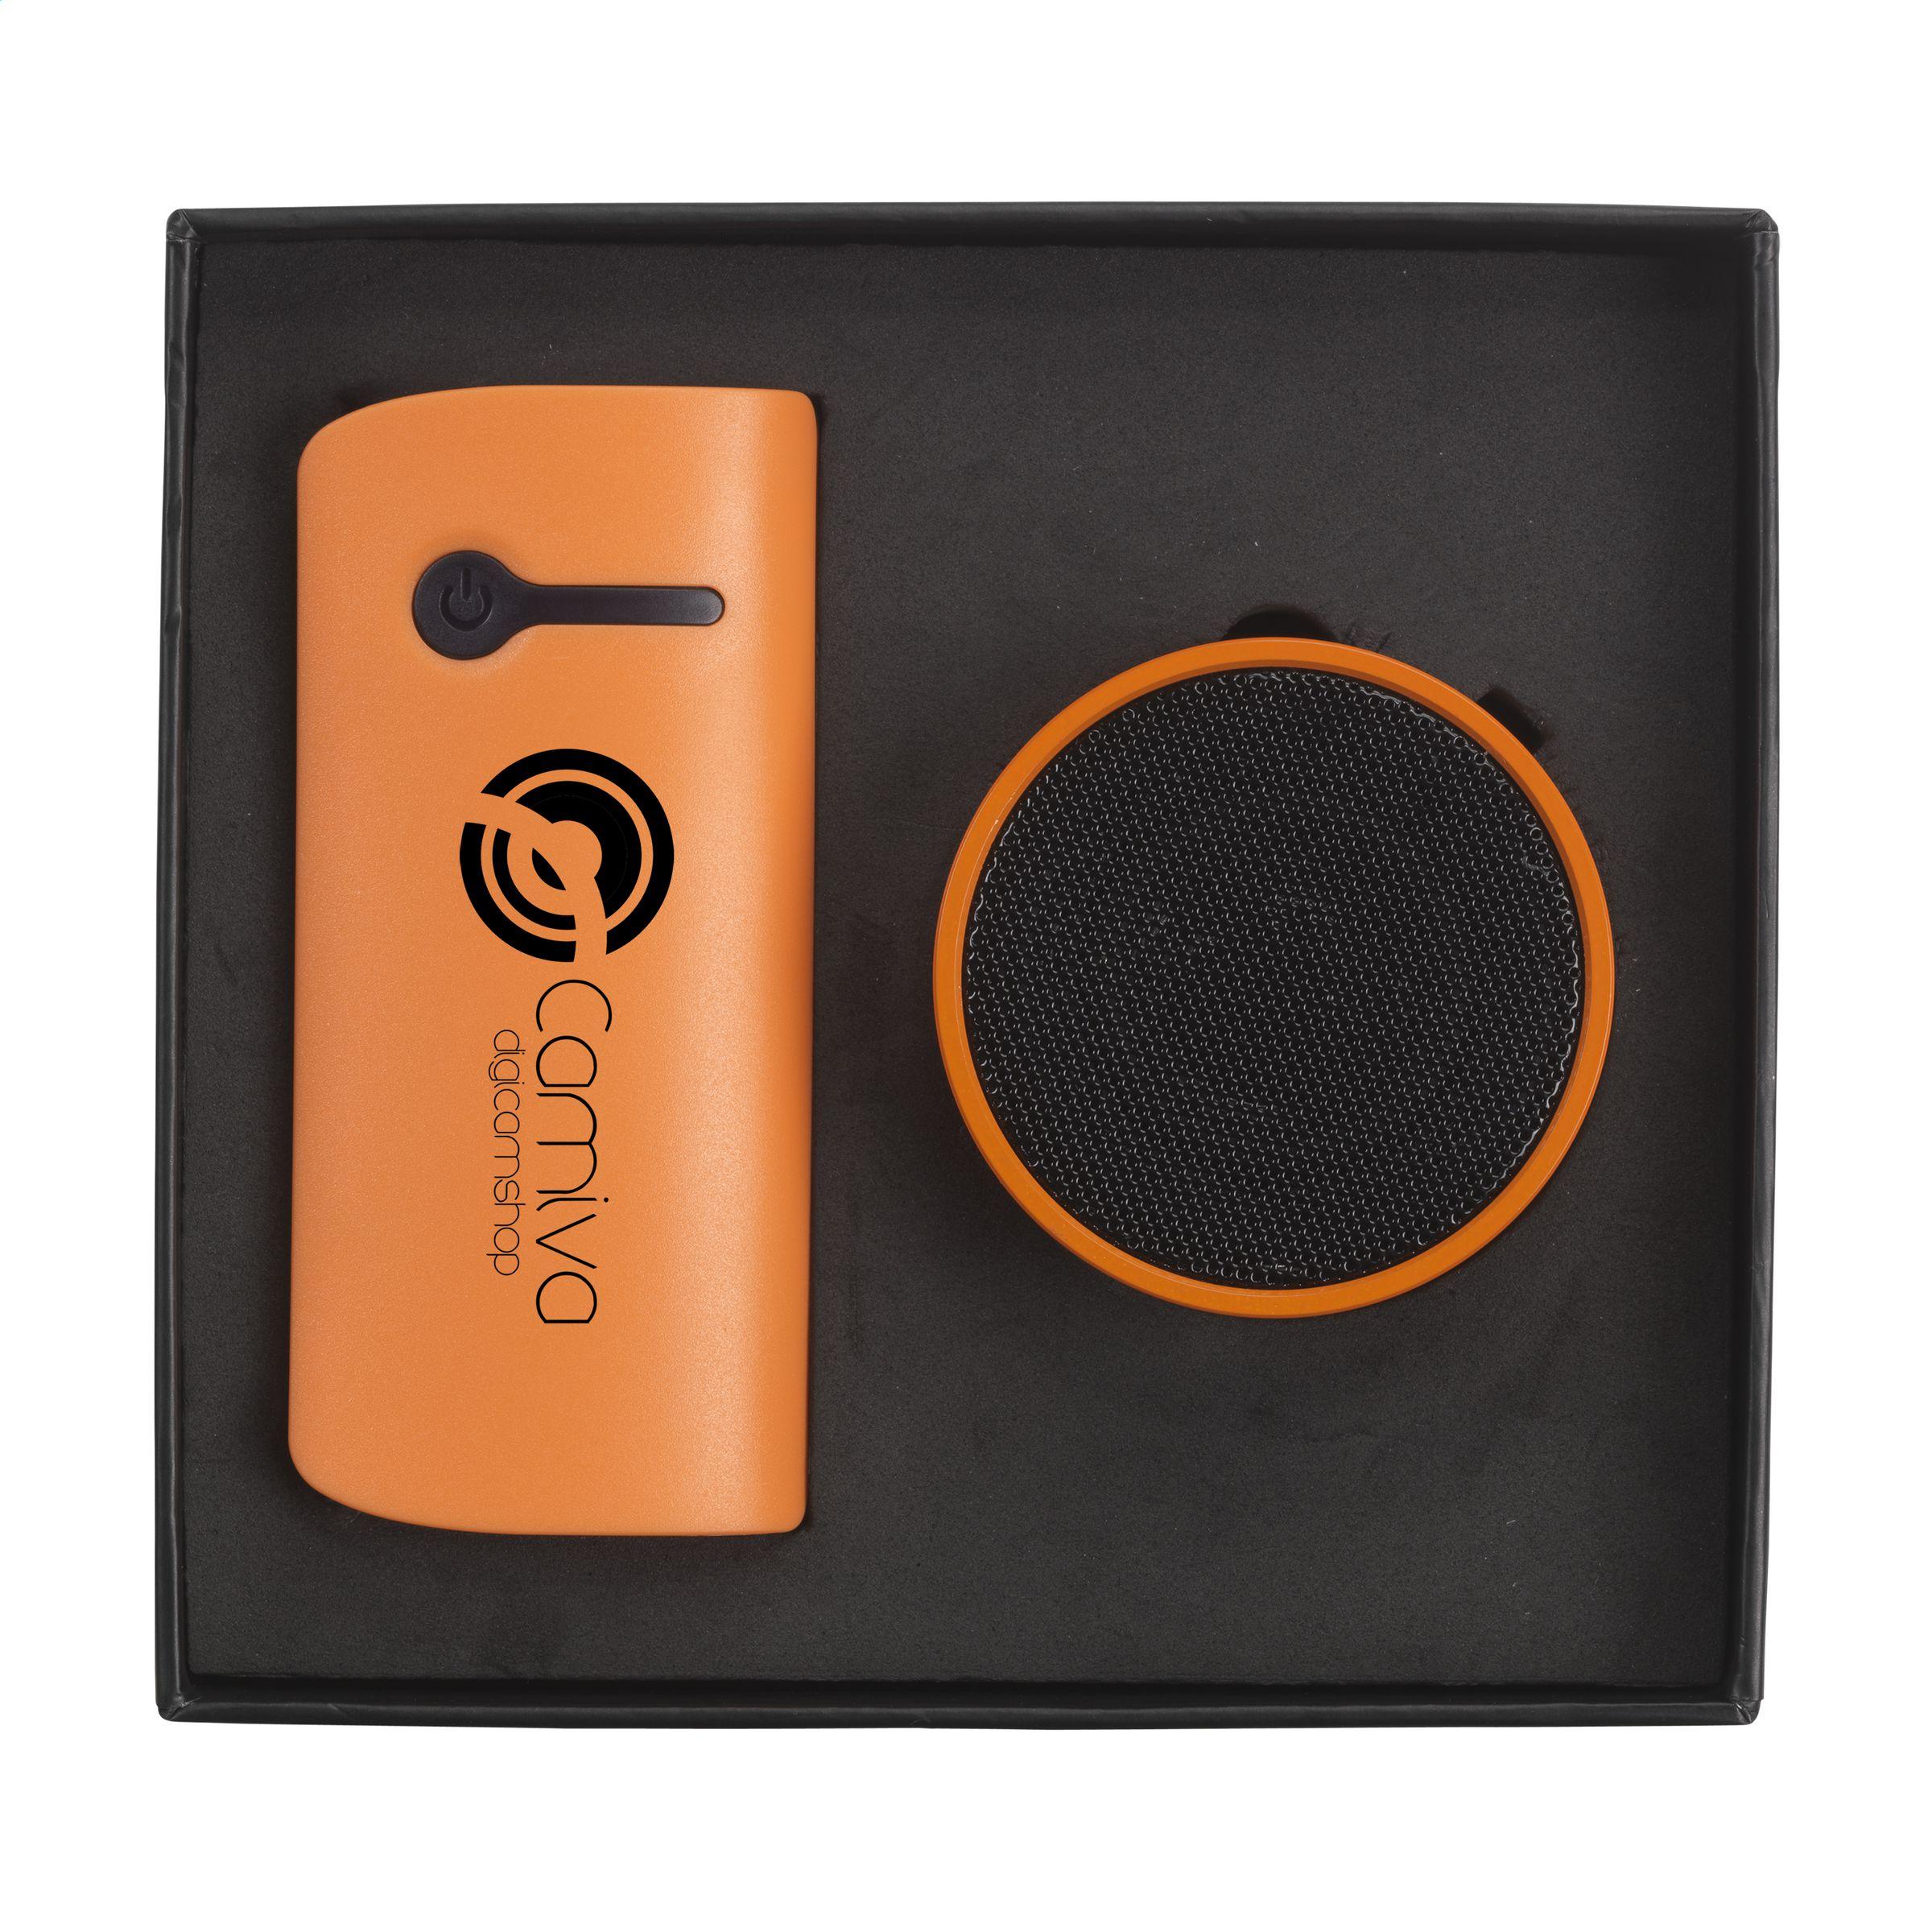 Afbeelding van 10st. Bedrukte powerbank 4.000 mAh Geschenkset USB stick bedrukken relatiegeschenk